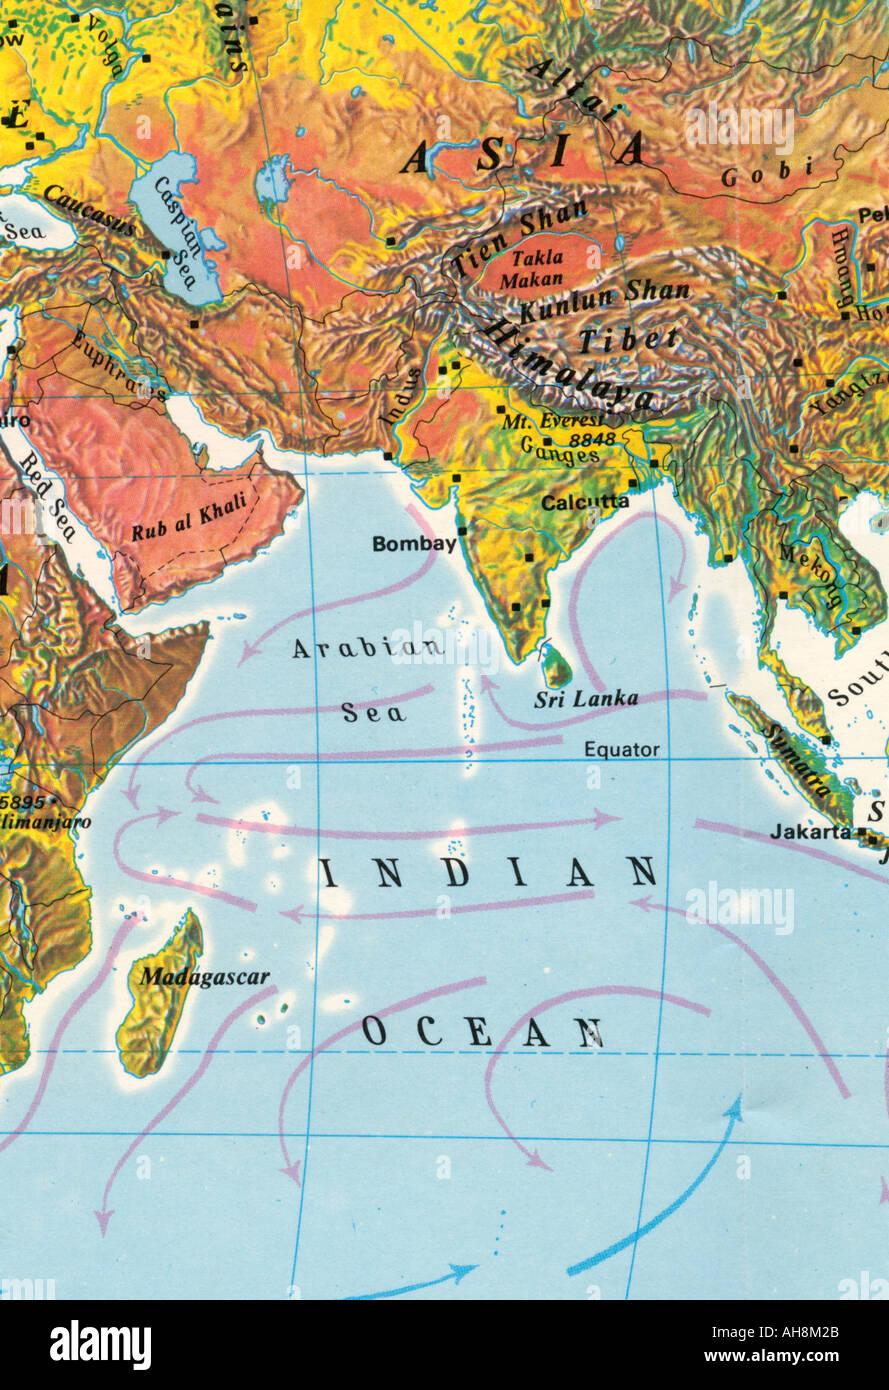 Carte de l'Inde en Asie et Océan Indien mer d'Oman Sri Lanka Tibet Madagascar Équateur Photo Stock